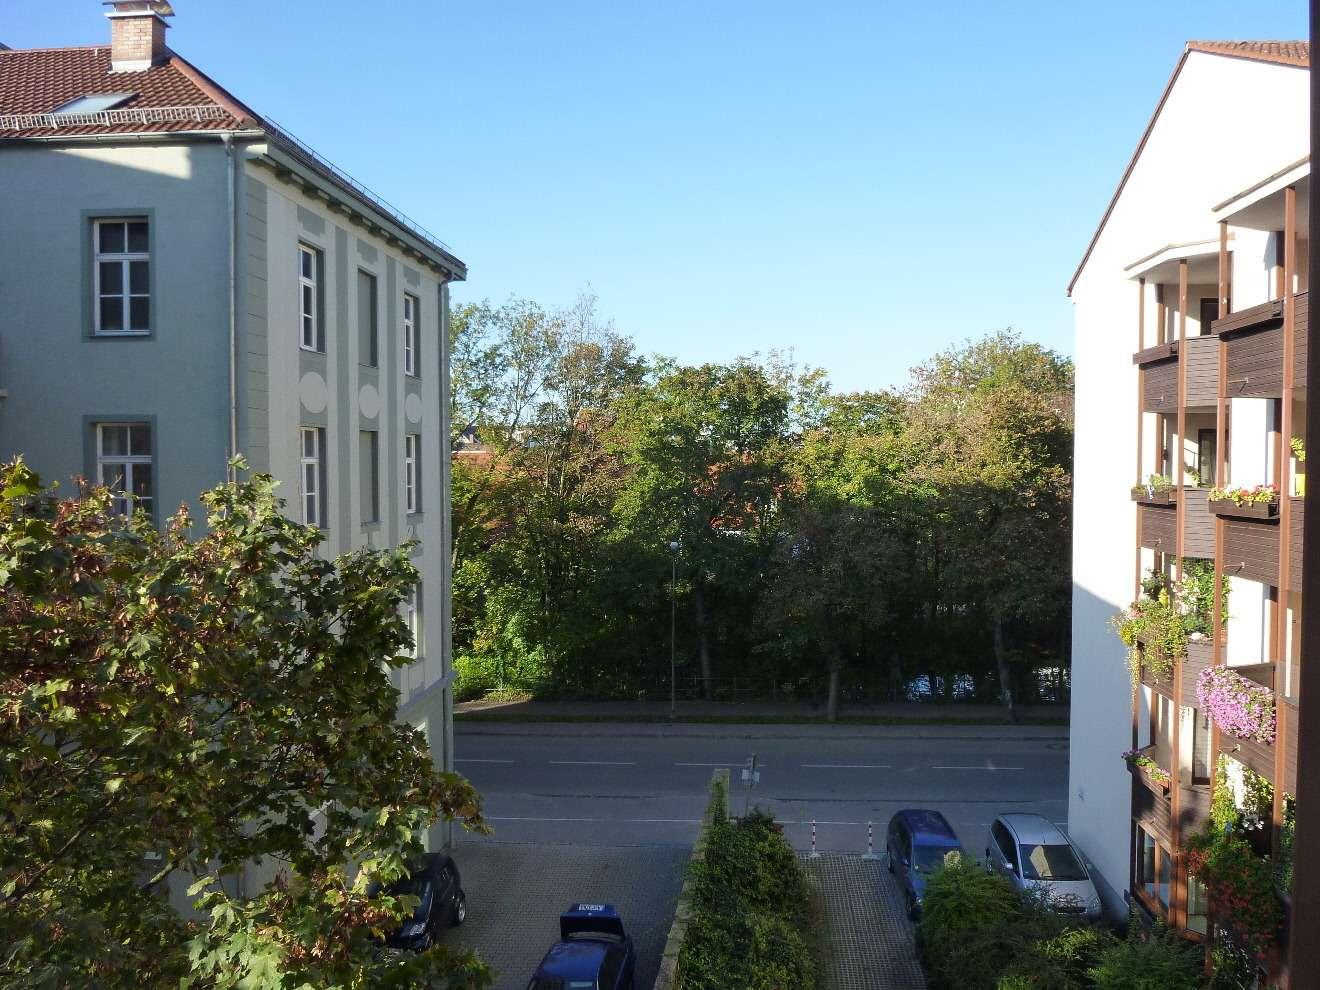 2 Zimmer Wohnung mit Balkon, schöne offene Küche, zentrale City Lage beim Jakobertor